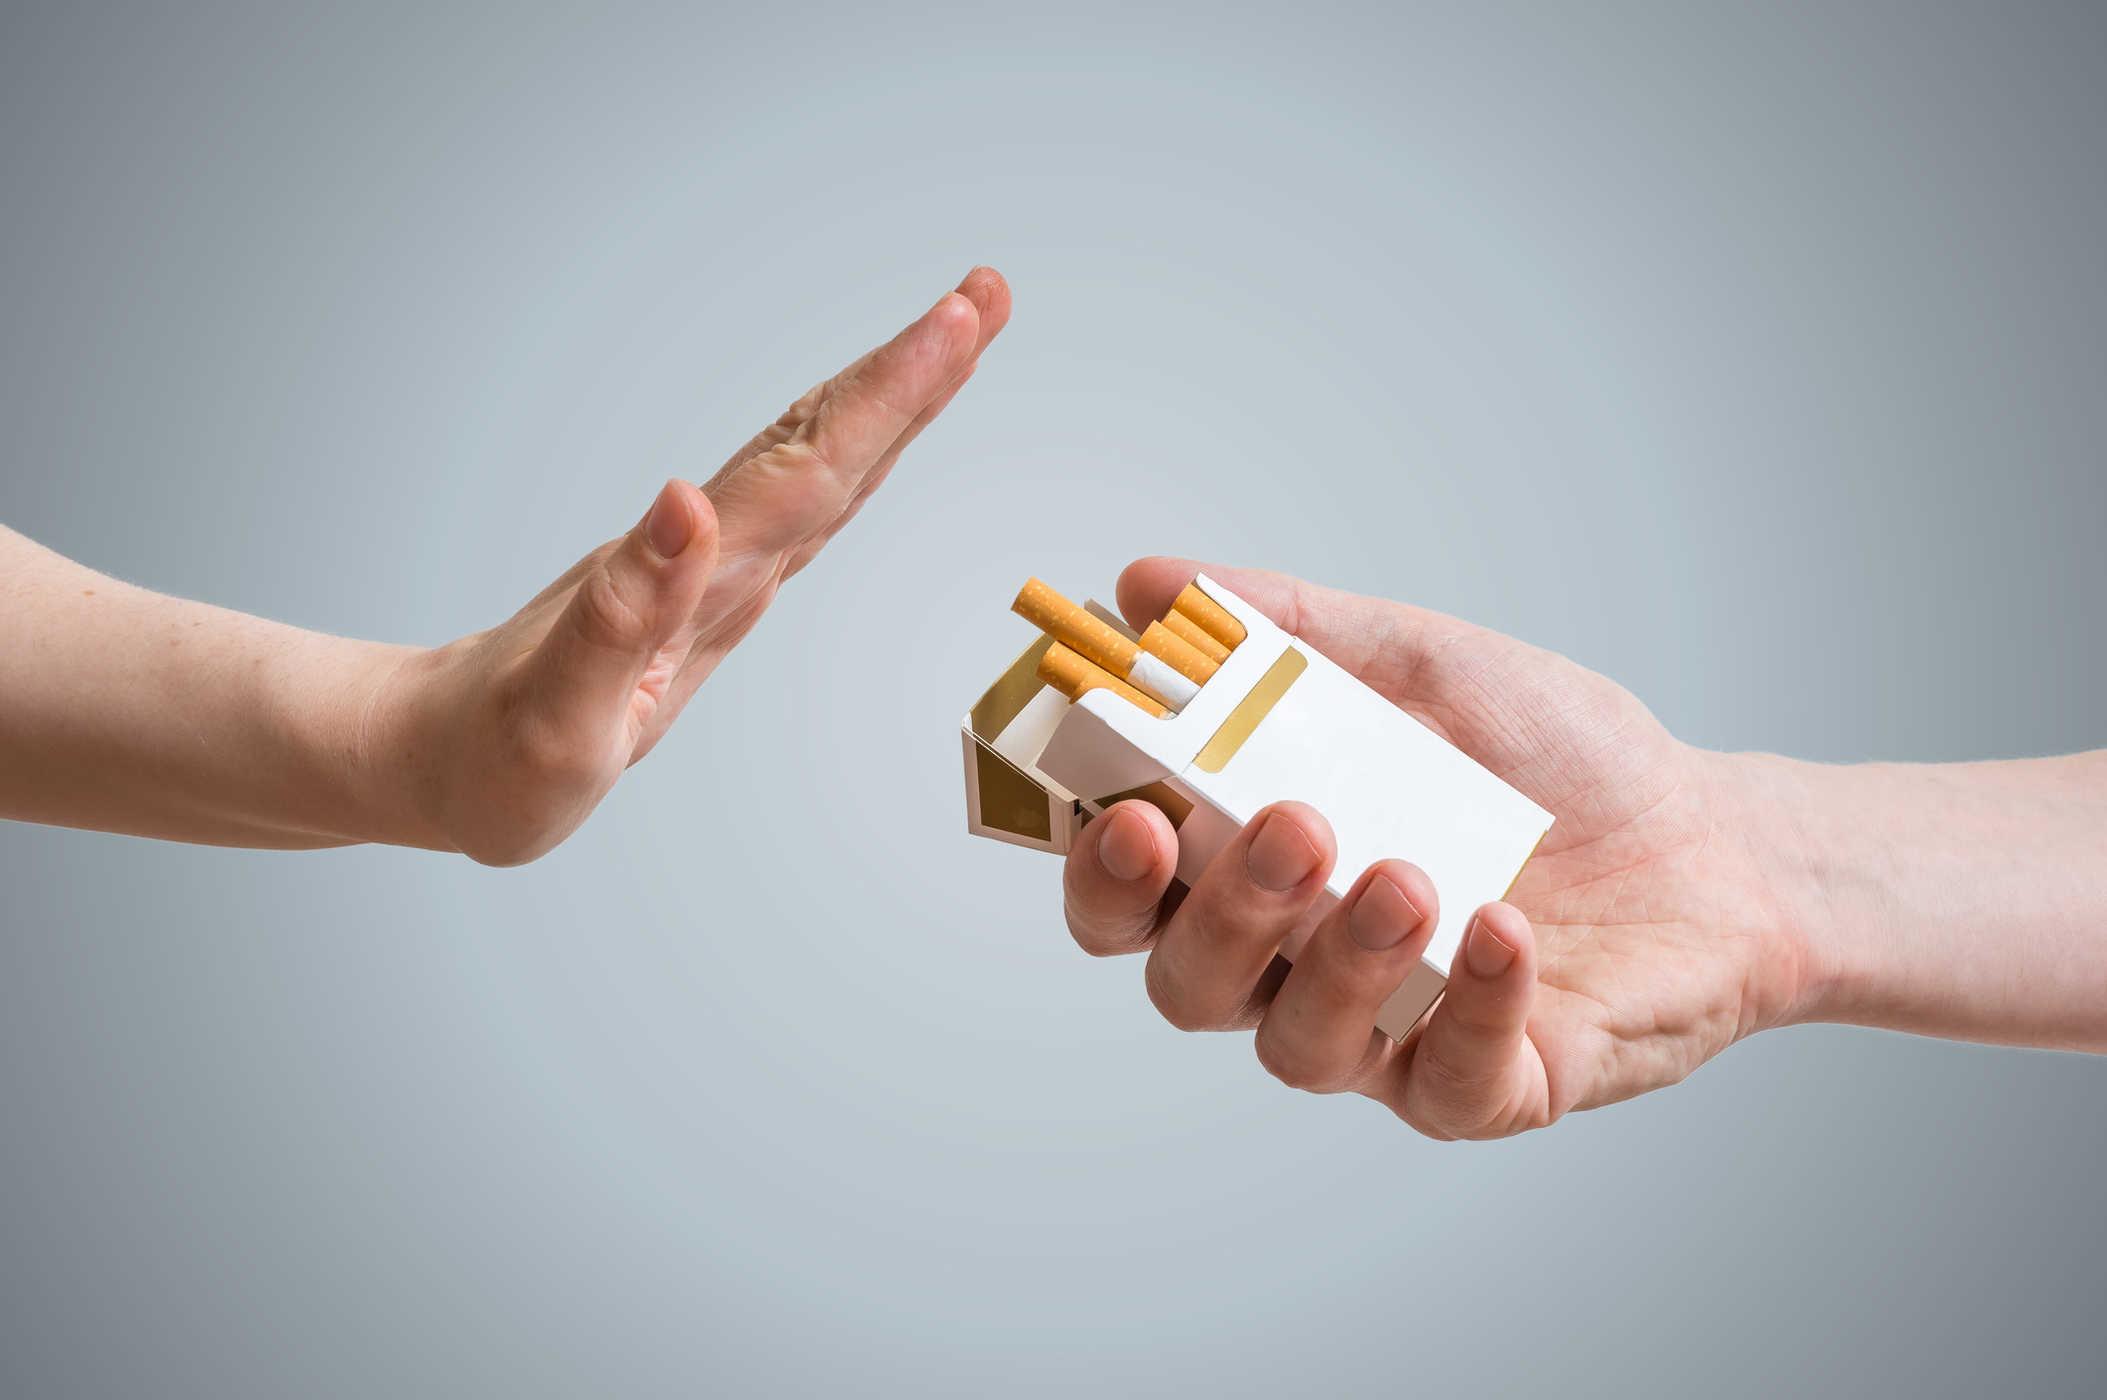 Bỏ thuốc lá là một trong những biện pháp phòng ngừa ung thư vú